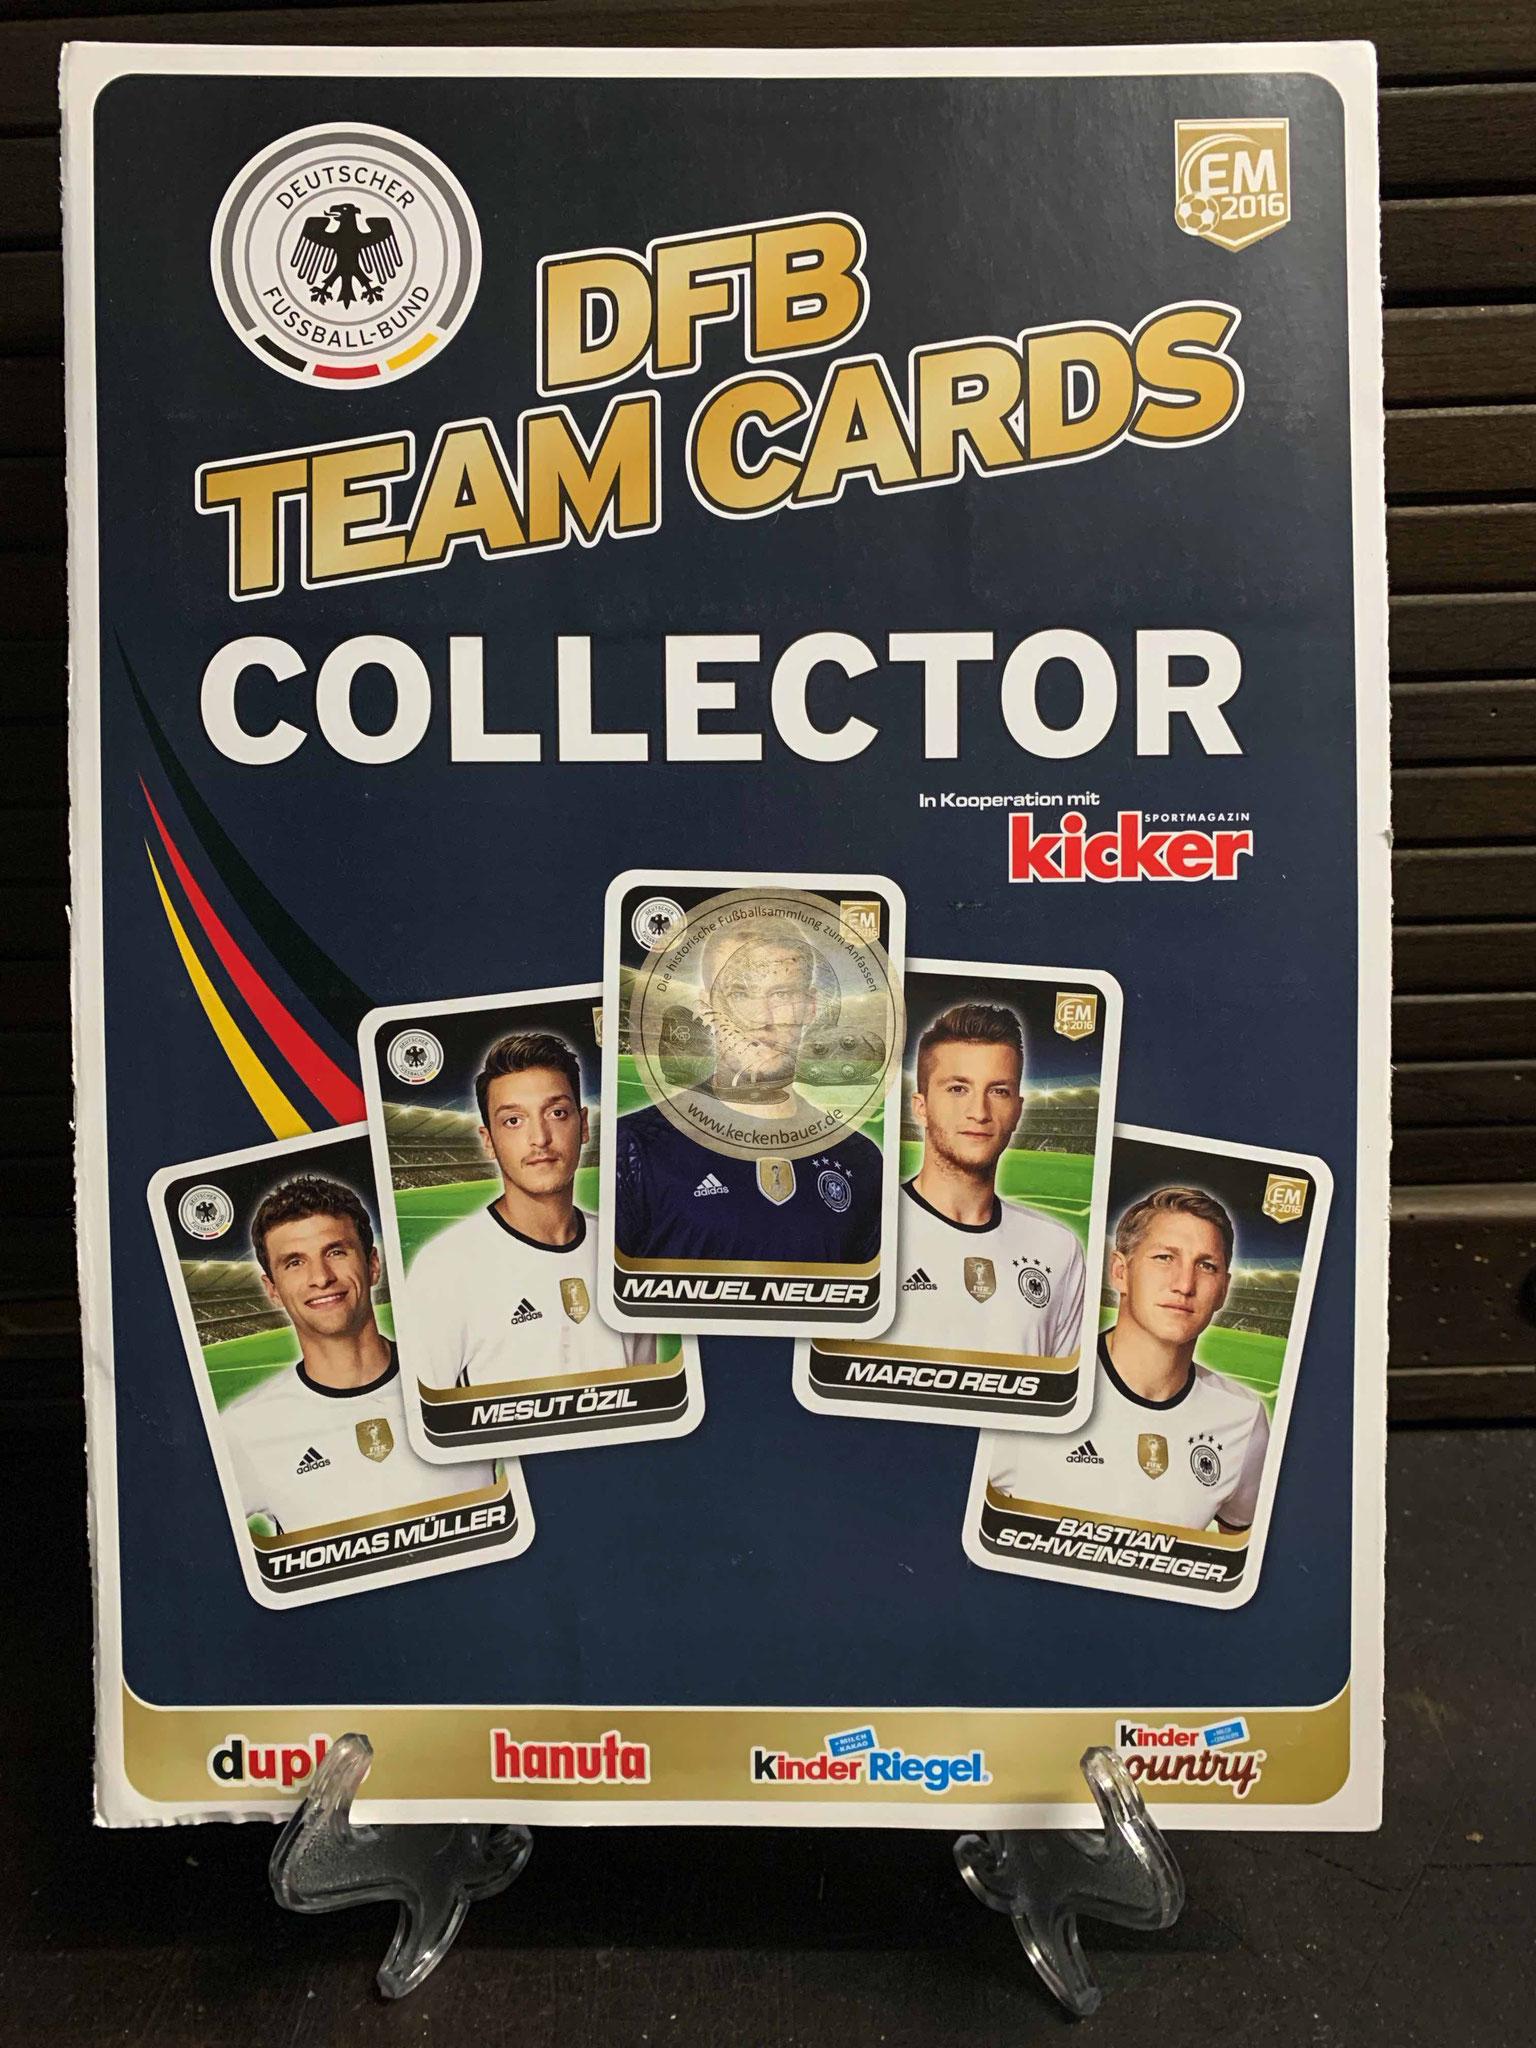 DFB Team Card Collection von Hanuta duplo Kinder Riegel zu EM 2016